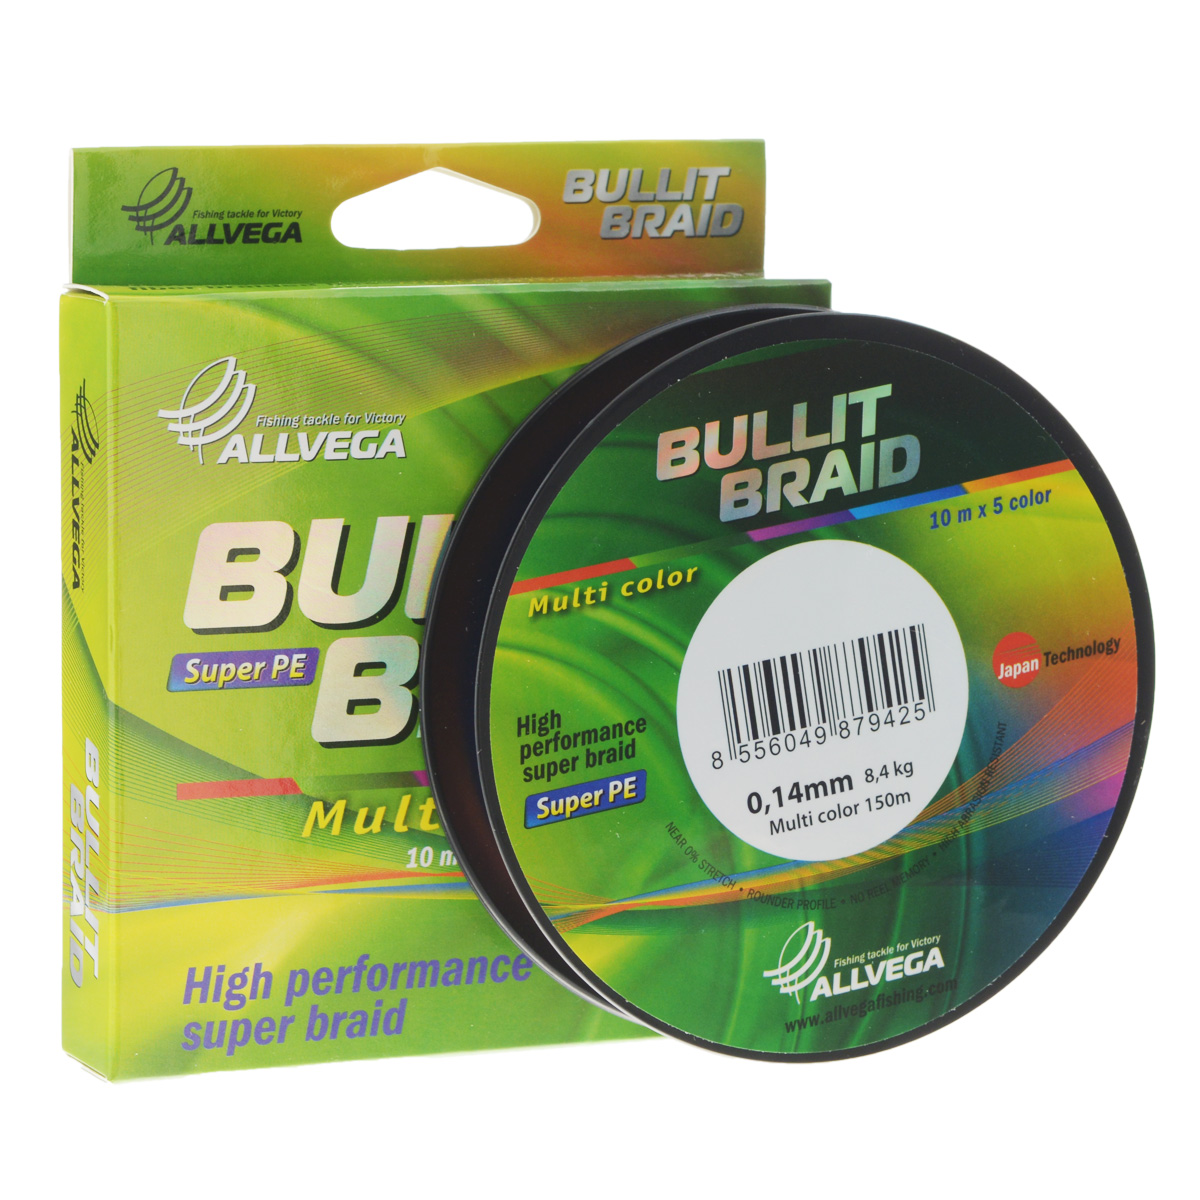 Леска плетеная Allvega Bullit Braid, цвет: мульти, 150 м, 0,14 мм, 8,4 кг39933Леска Allvega Bullit Braid с гладкой поверхностью и одинаковым сечением по всей длине обладает высокой износостойкостью. Благодаря микроволокнам полиэтилена (Super PE) леска имеет очень плотное плетение и не впитывает воду. Леску Allvega Bullit Braid можно применять в любых типах водоемов. Особенности:- повышенная износостойкость;- высокая чувствительность - коэффициент растяжения близок к нулю;- отсутствует память;- идеально гладкая поверхность позволяет увеличить дальность забросов;- высокая прочность шнура на узлах.